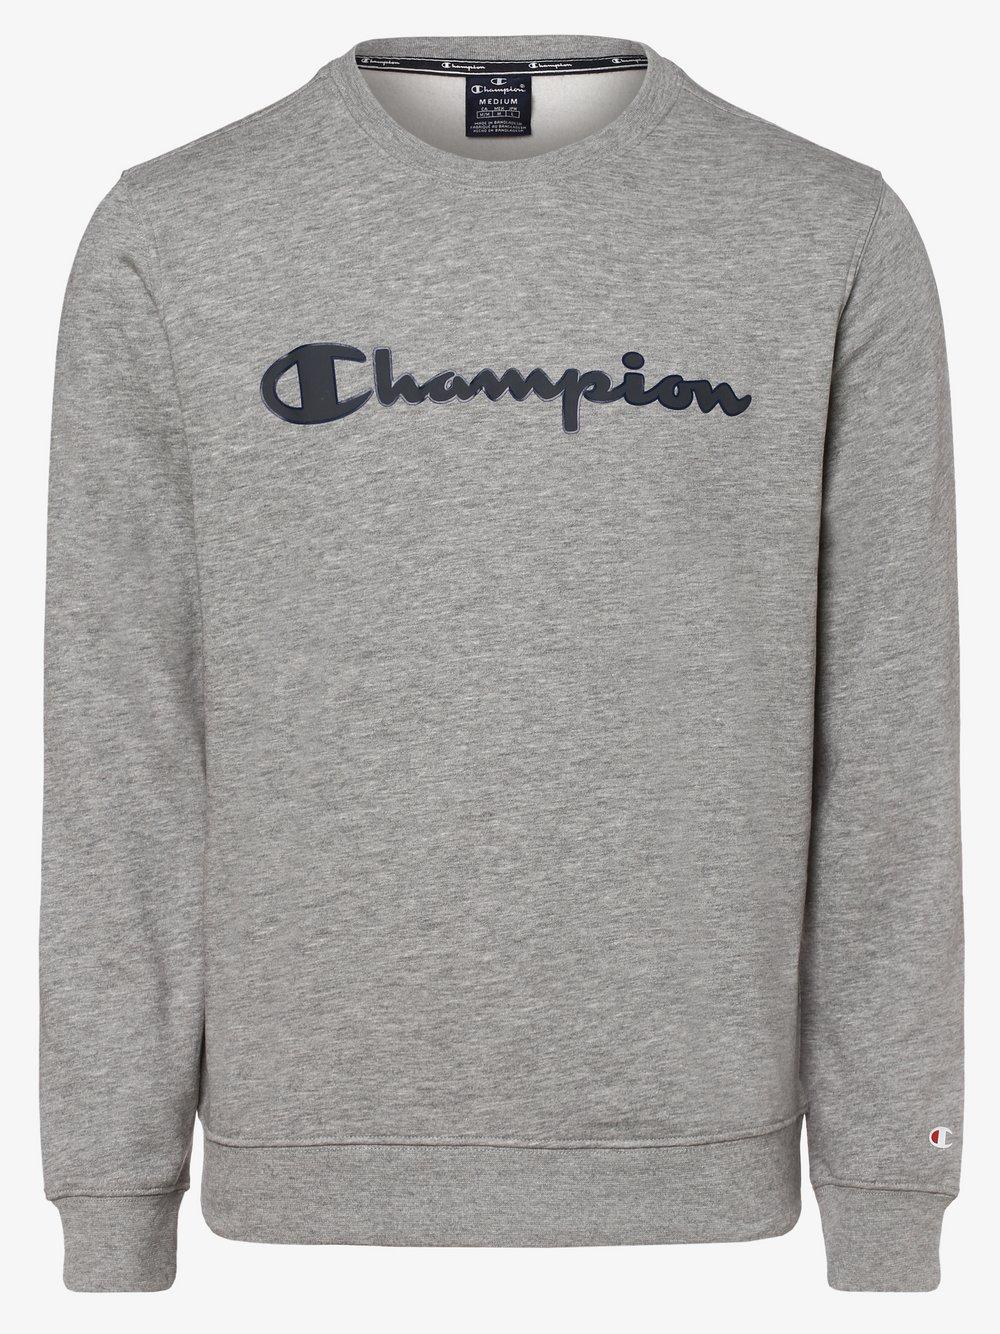 Champion - Męska bluza nierozpinana, szary